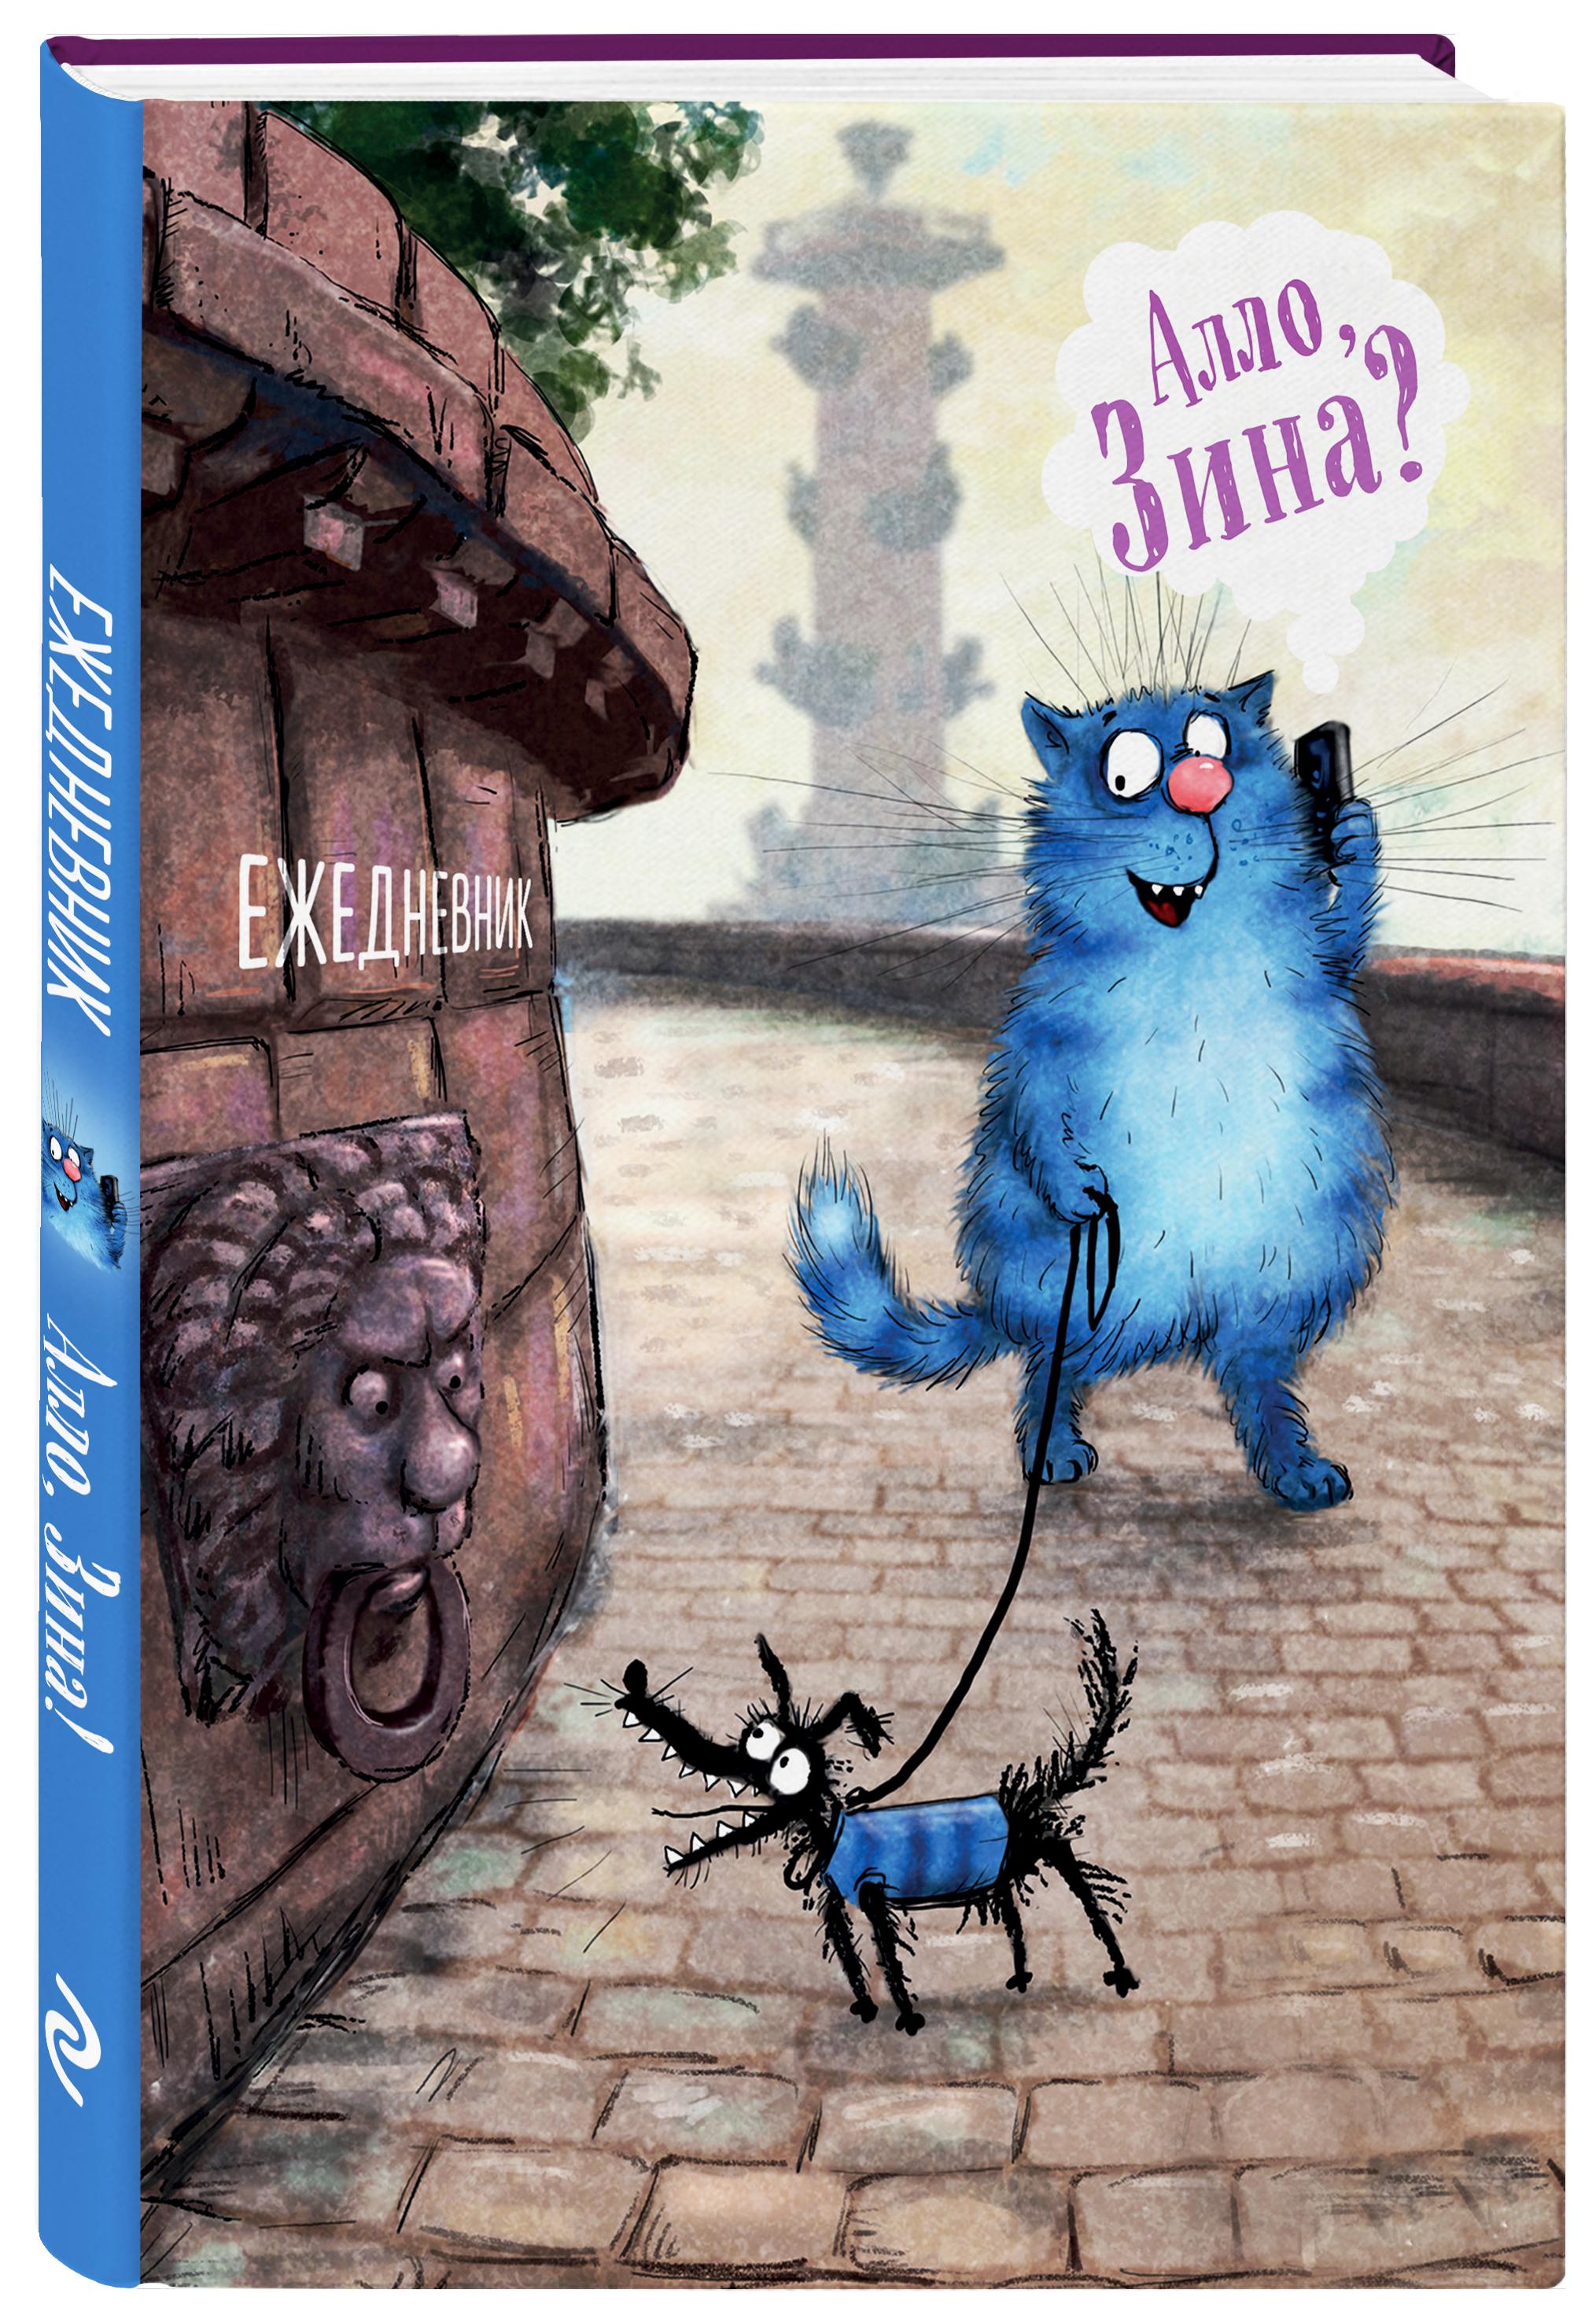 Ирина Зенюк Ежедневник Алло, Зина? Синие коты. А5, твердый переплет, 224 стр. ежедневник коты арбузное удовольствие